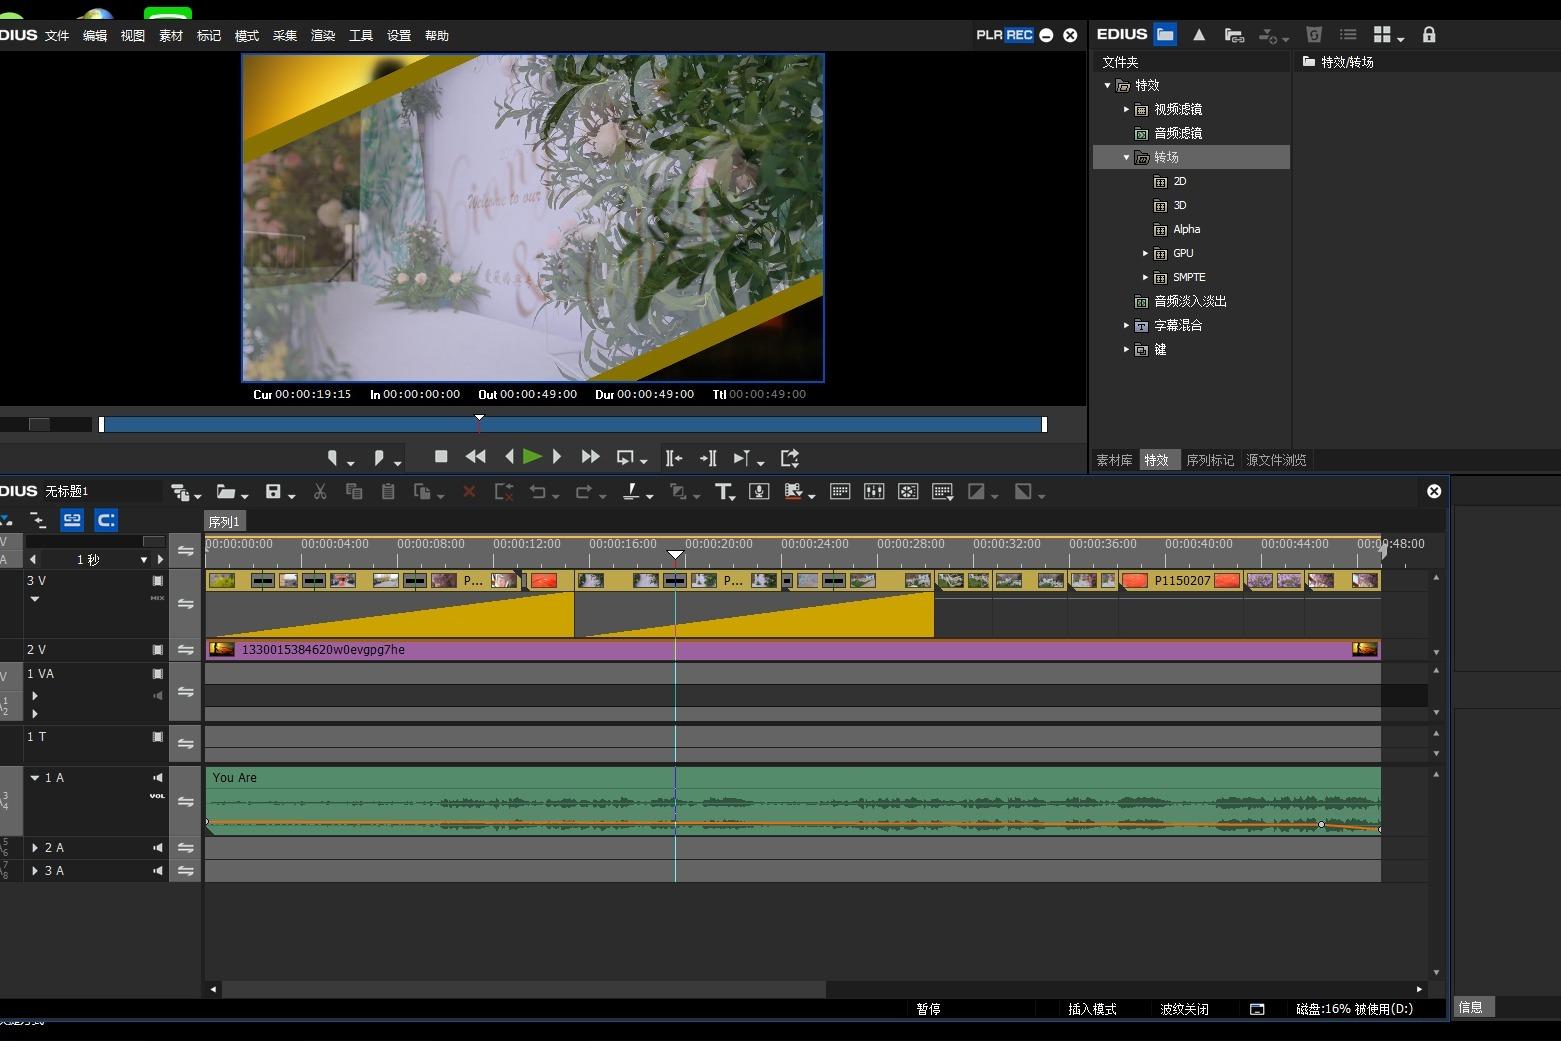 分享一个视频编辑软件EDIUS9吧